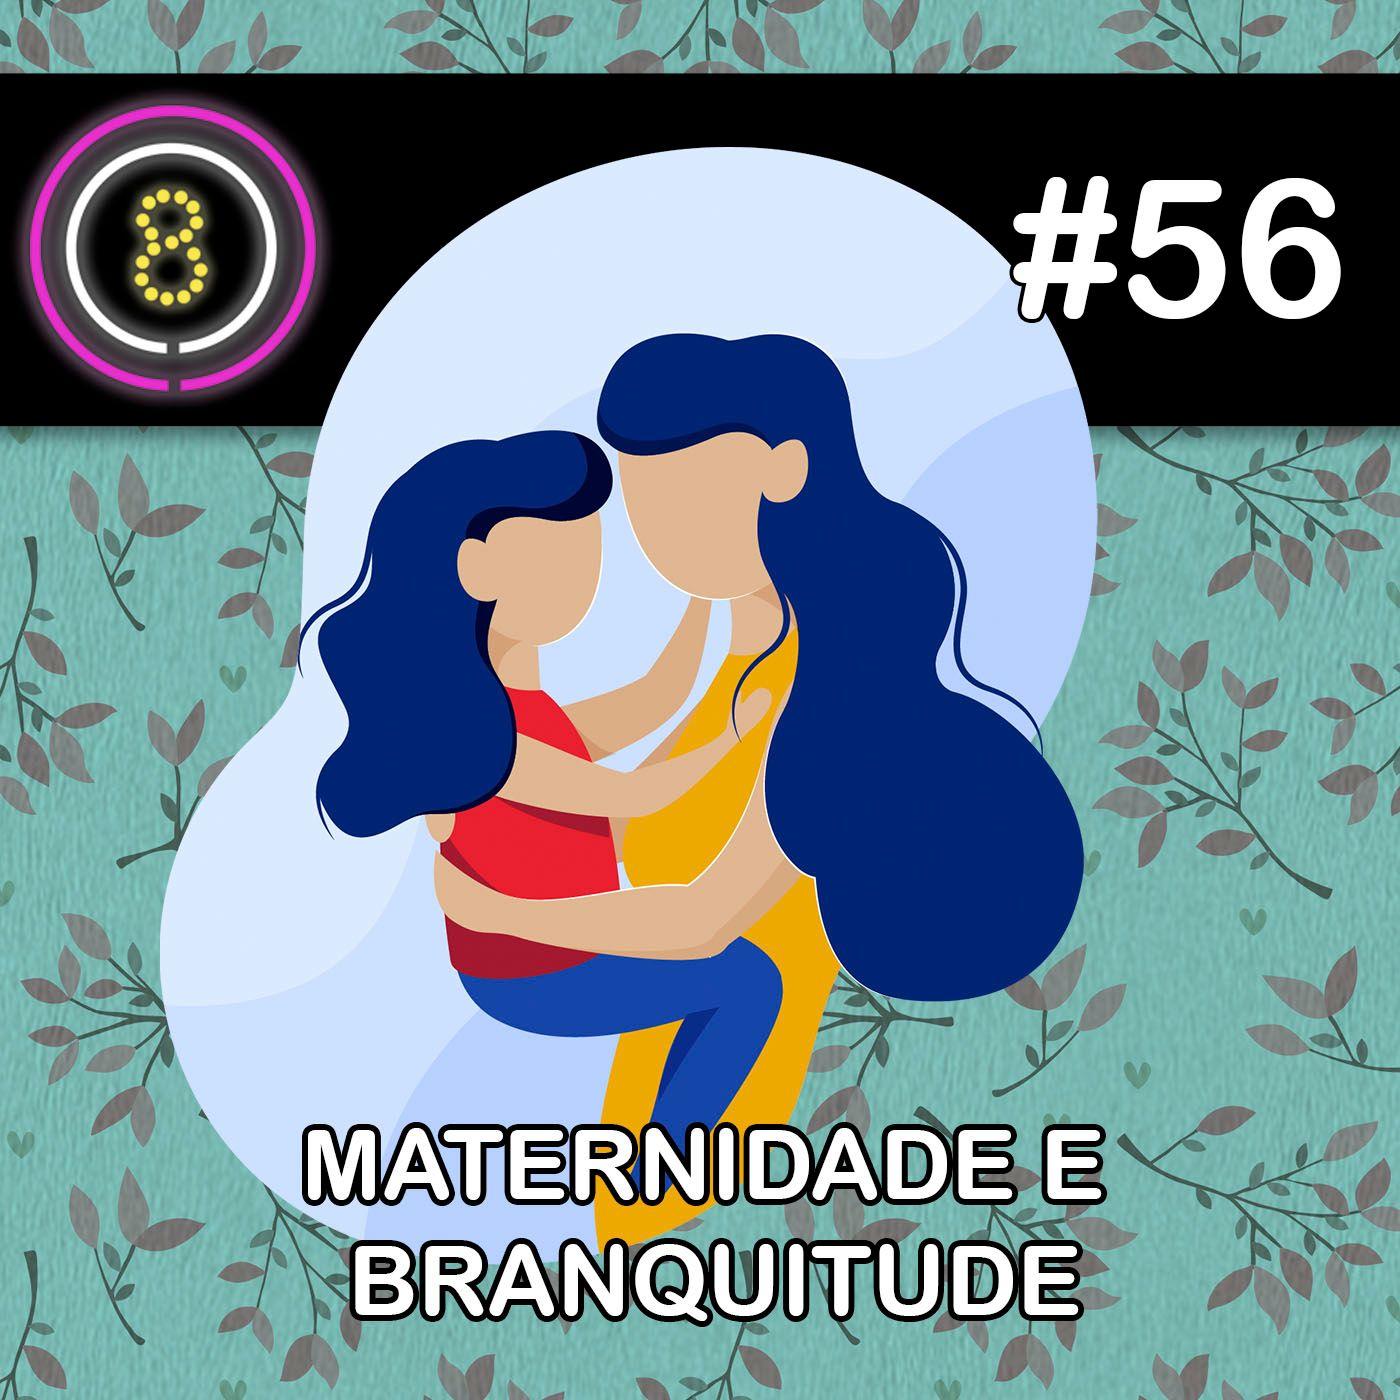 #56 - Maternidade e Branquitude